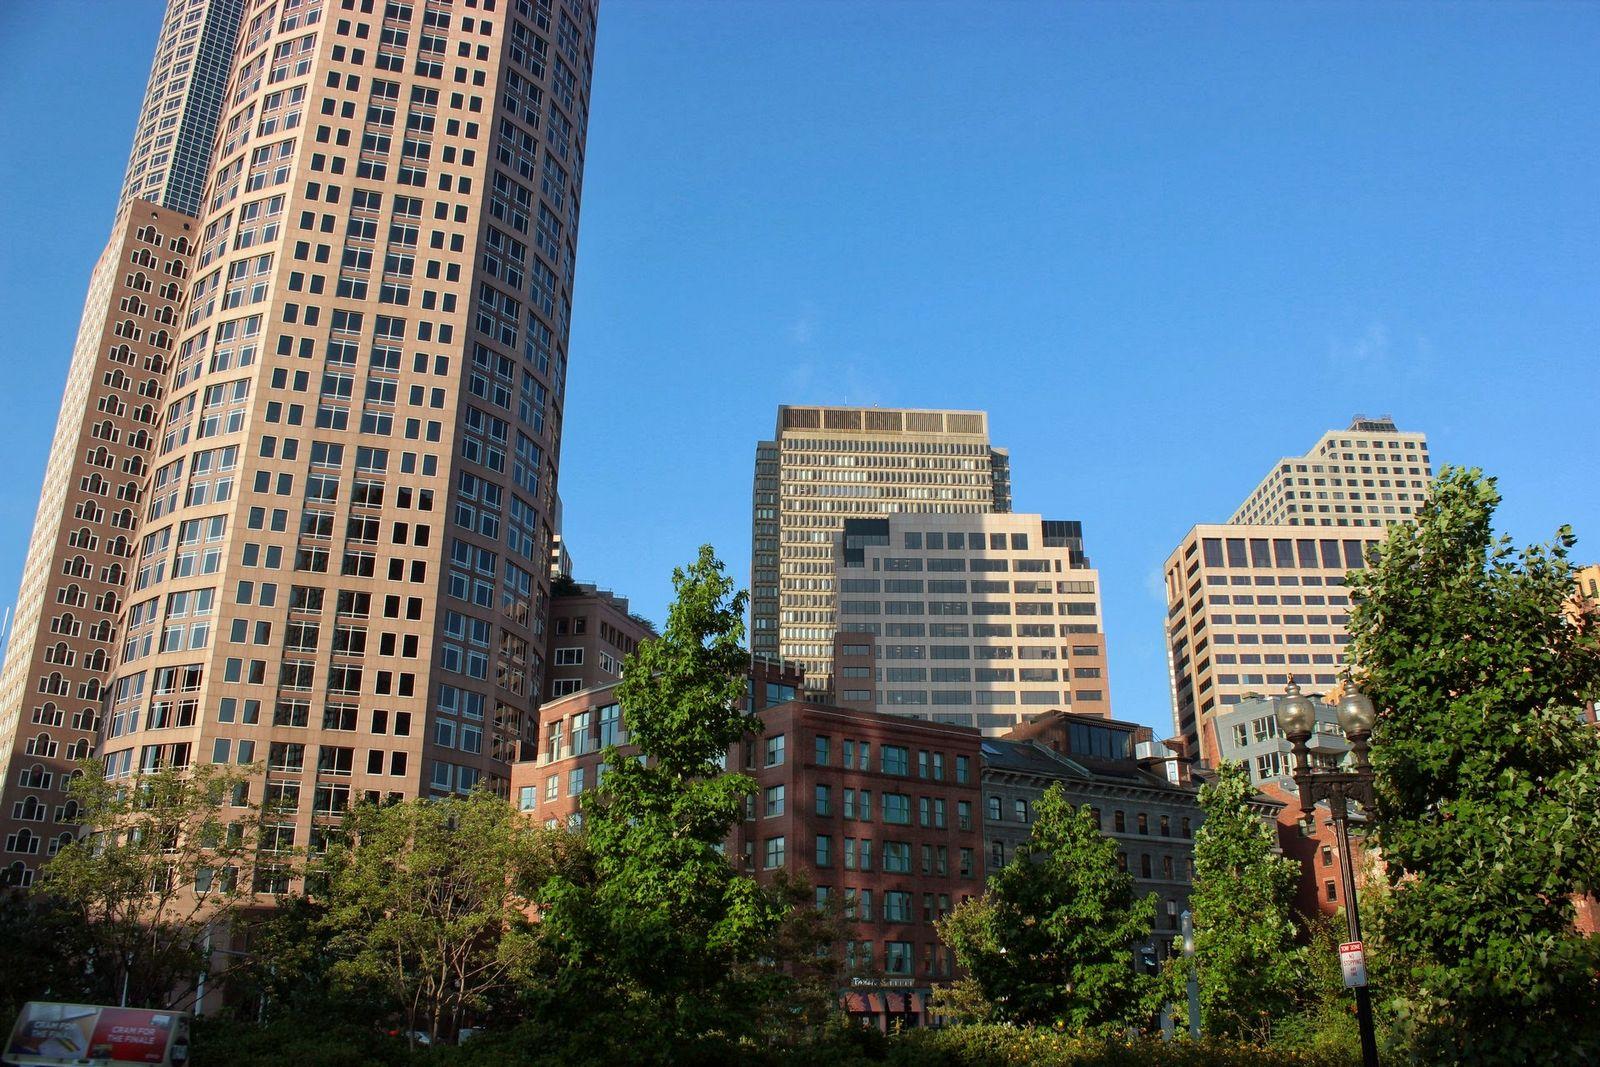 La mayoría de rascacielos y edificios modernos está aquí